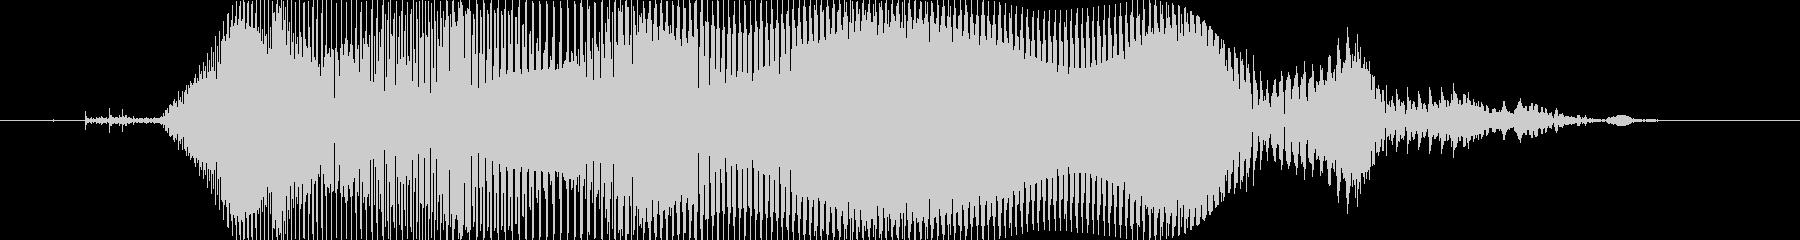 きゃーの未再生の波形